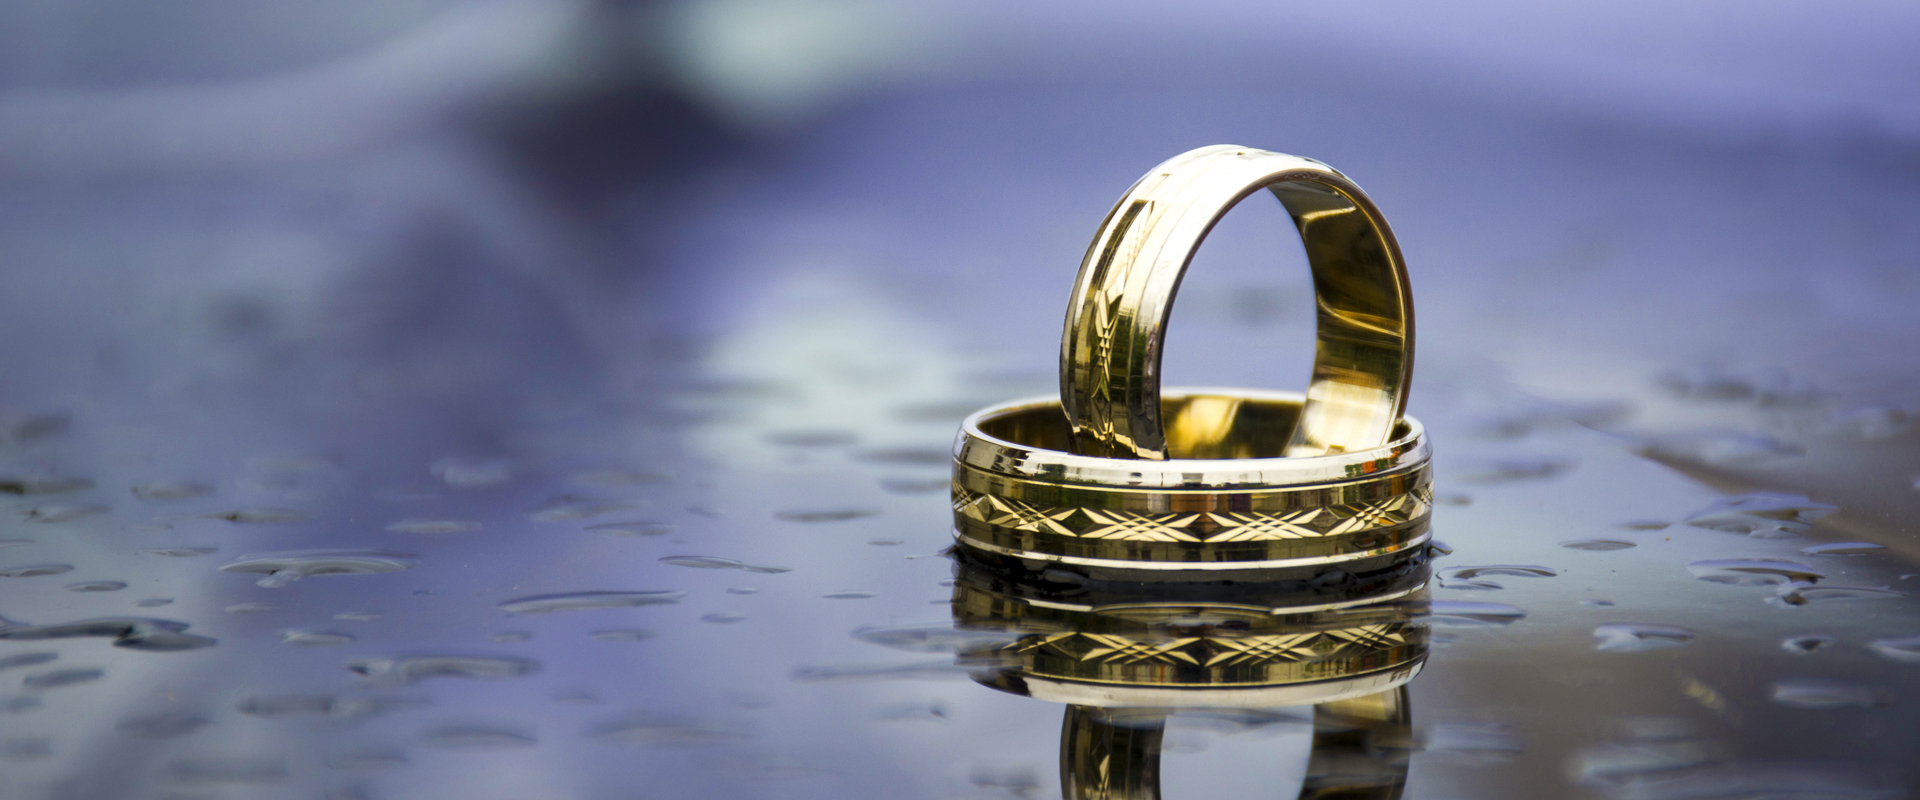 Esküvői fotó, Balatonmáriafürdő